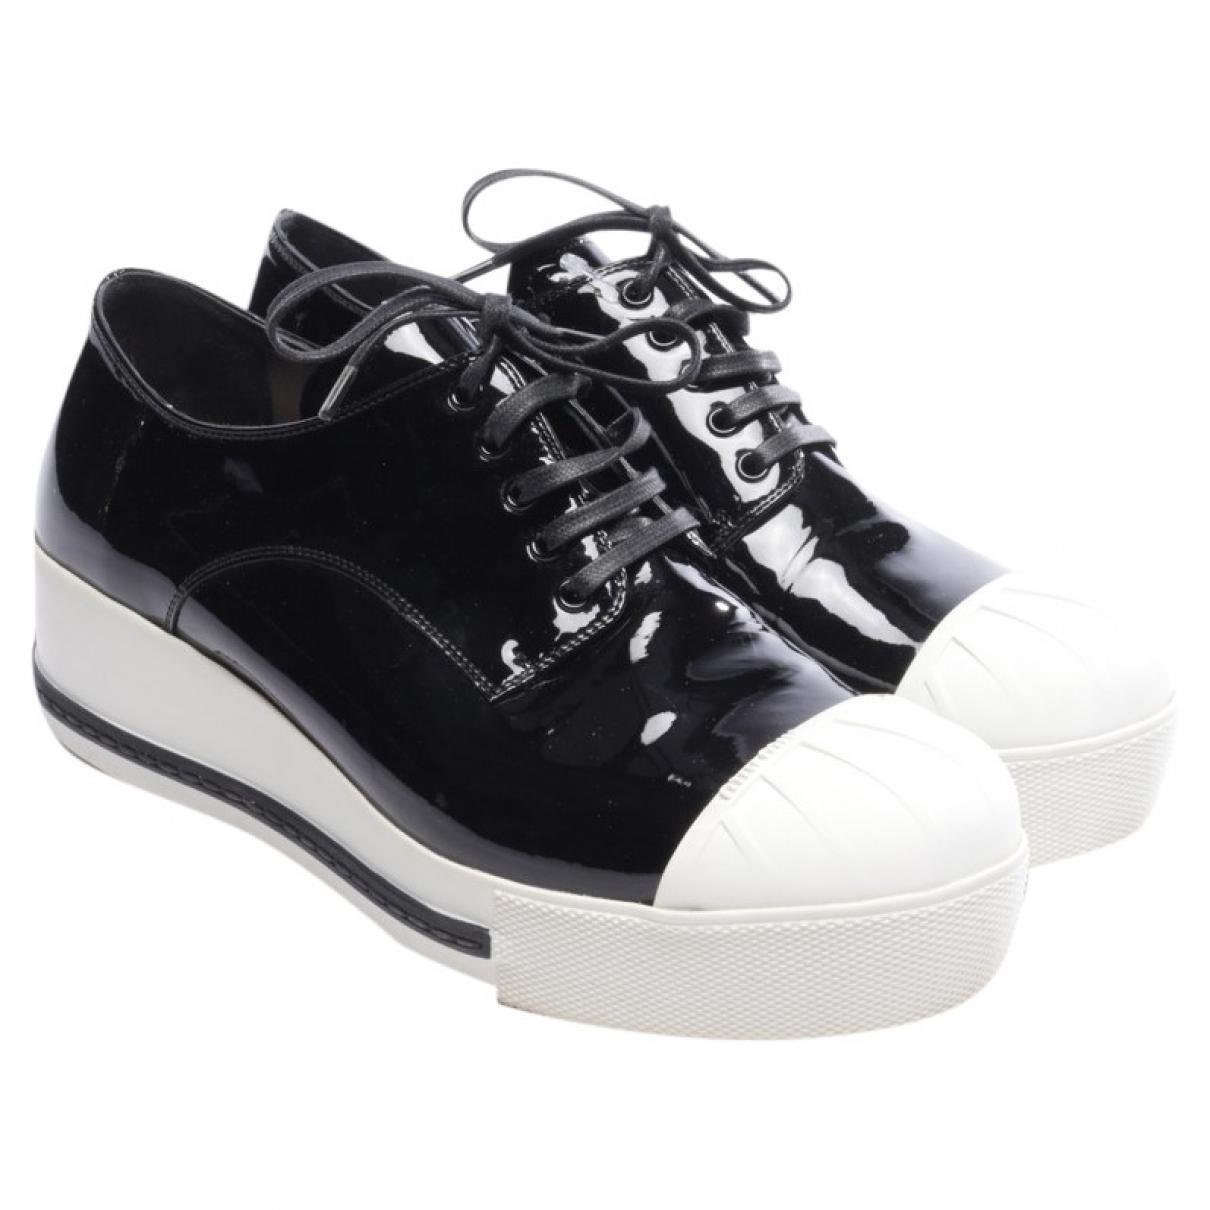 Miu Miu \N Black Patent leather Trainers for Women 37.5 EU